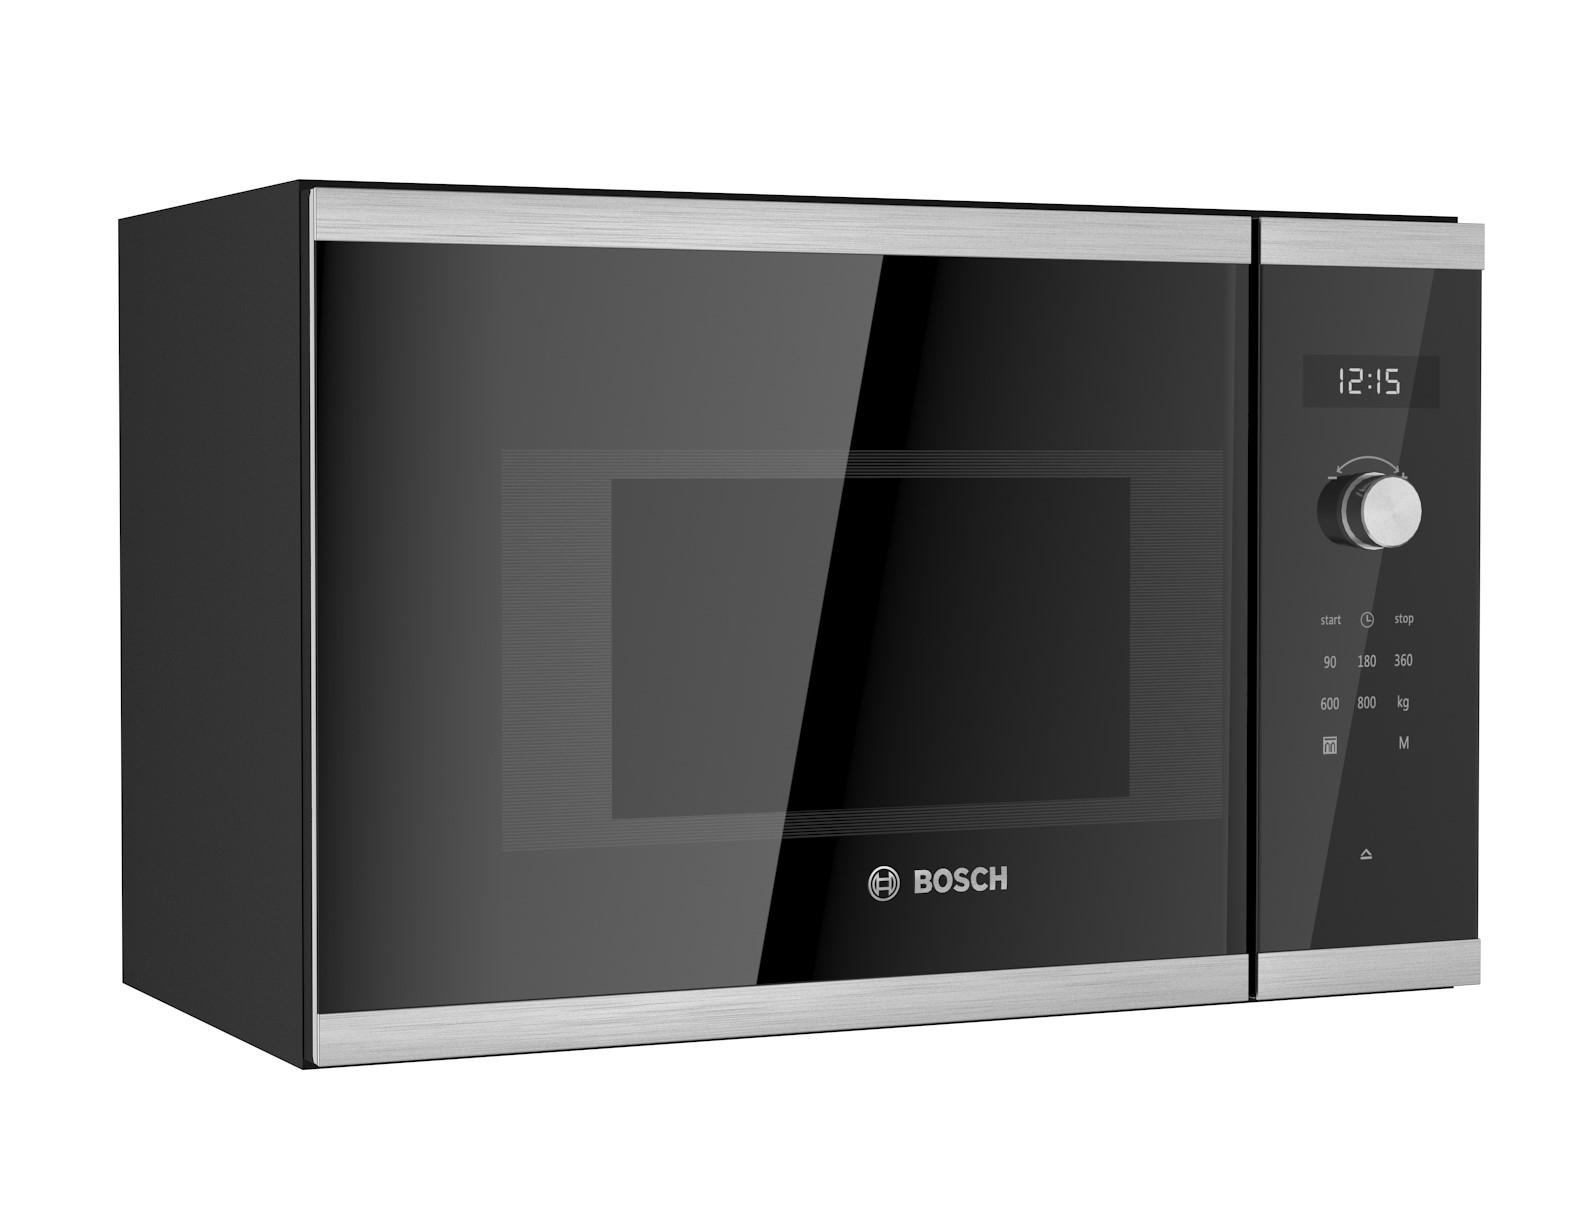 Địa chỉ mua lò vi sóng Bosch BFL554MS0